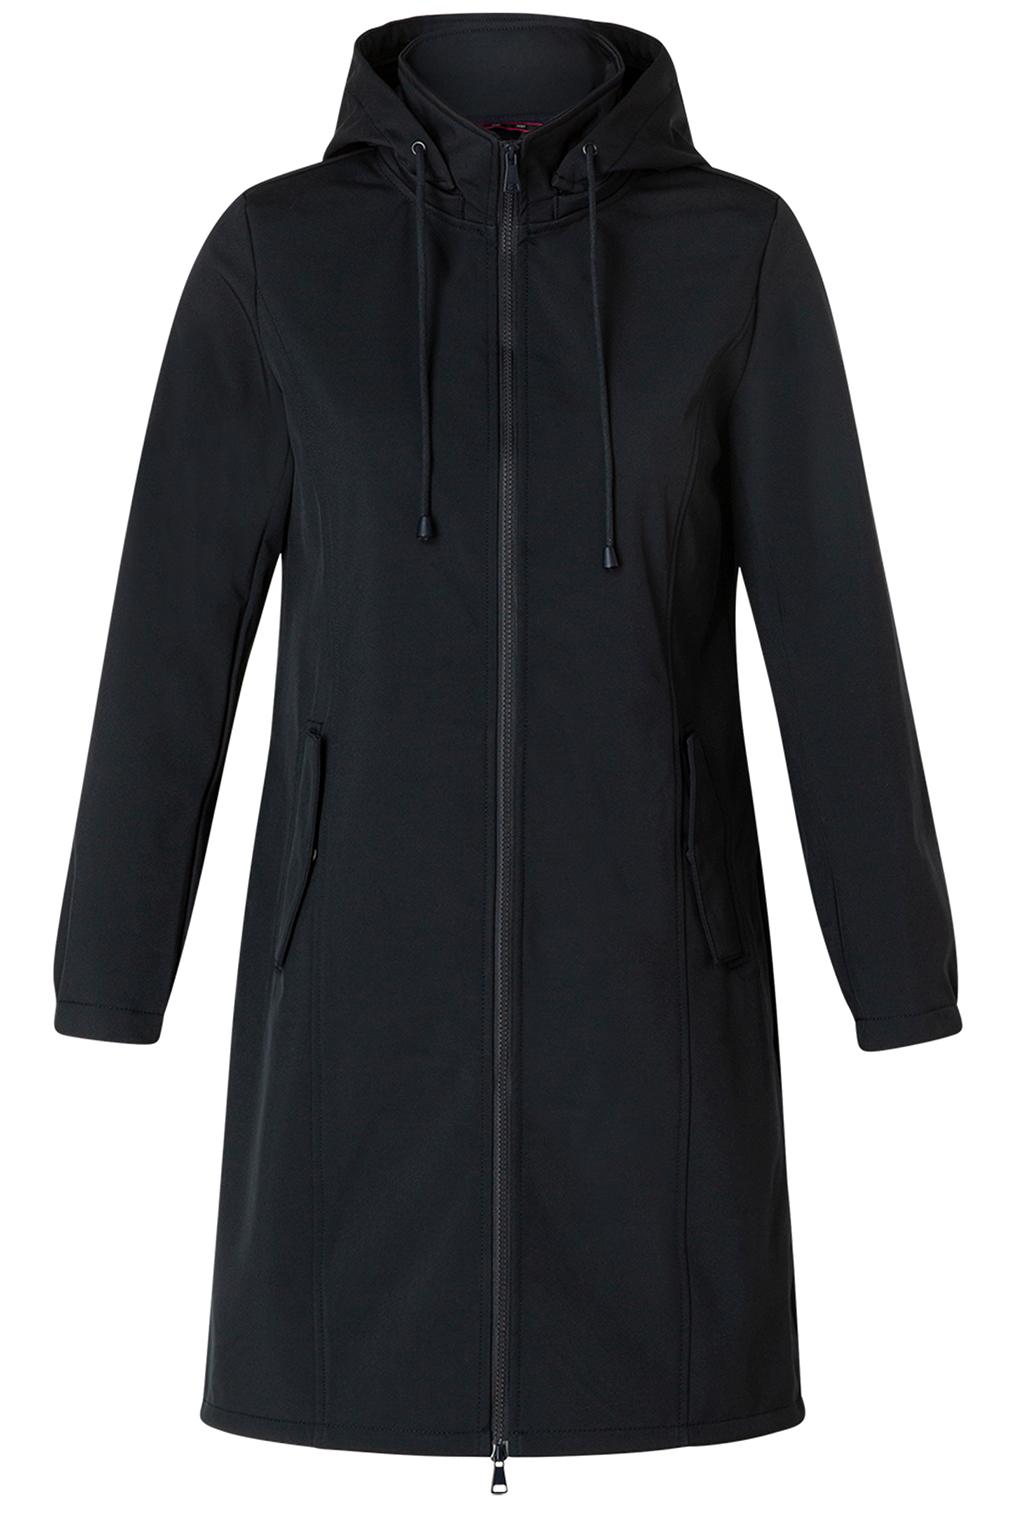 Yesta jas Winter Outerwear